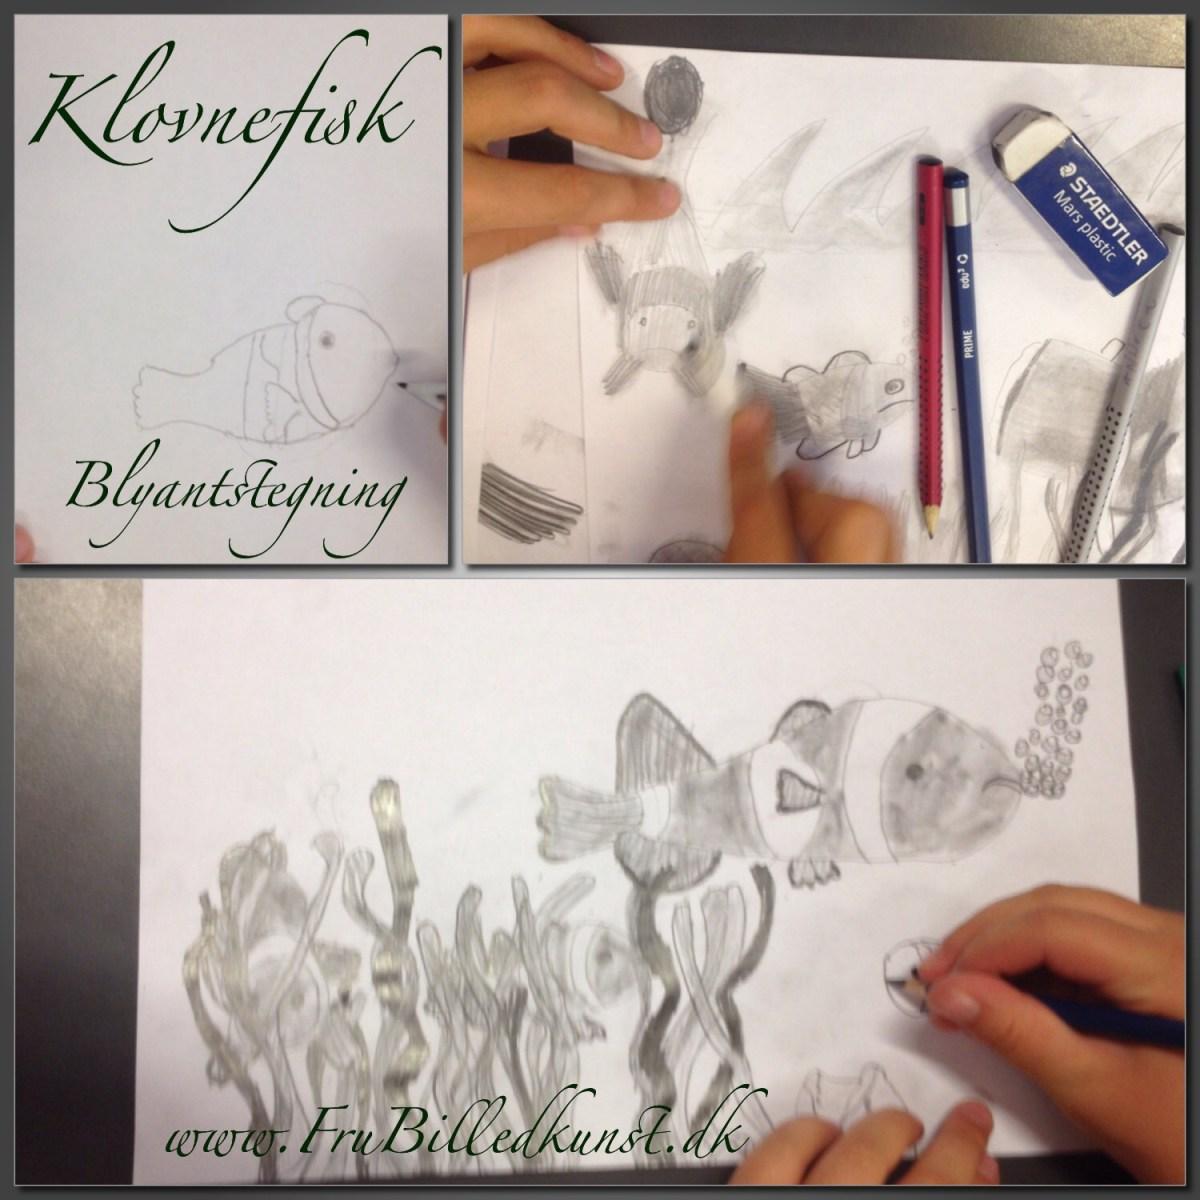 www.FruBilledkunst.dk - clownfish in pencils